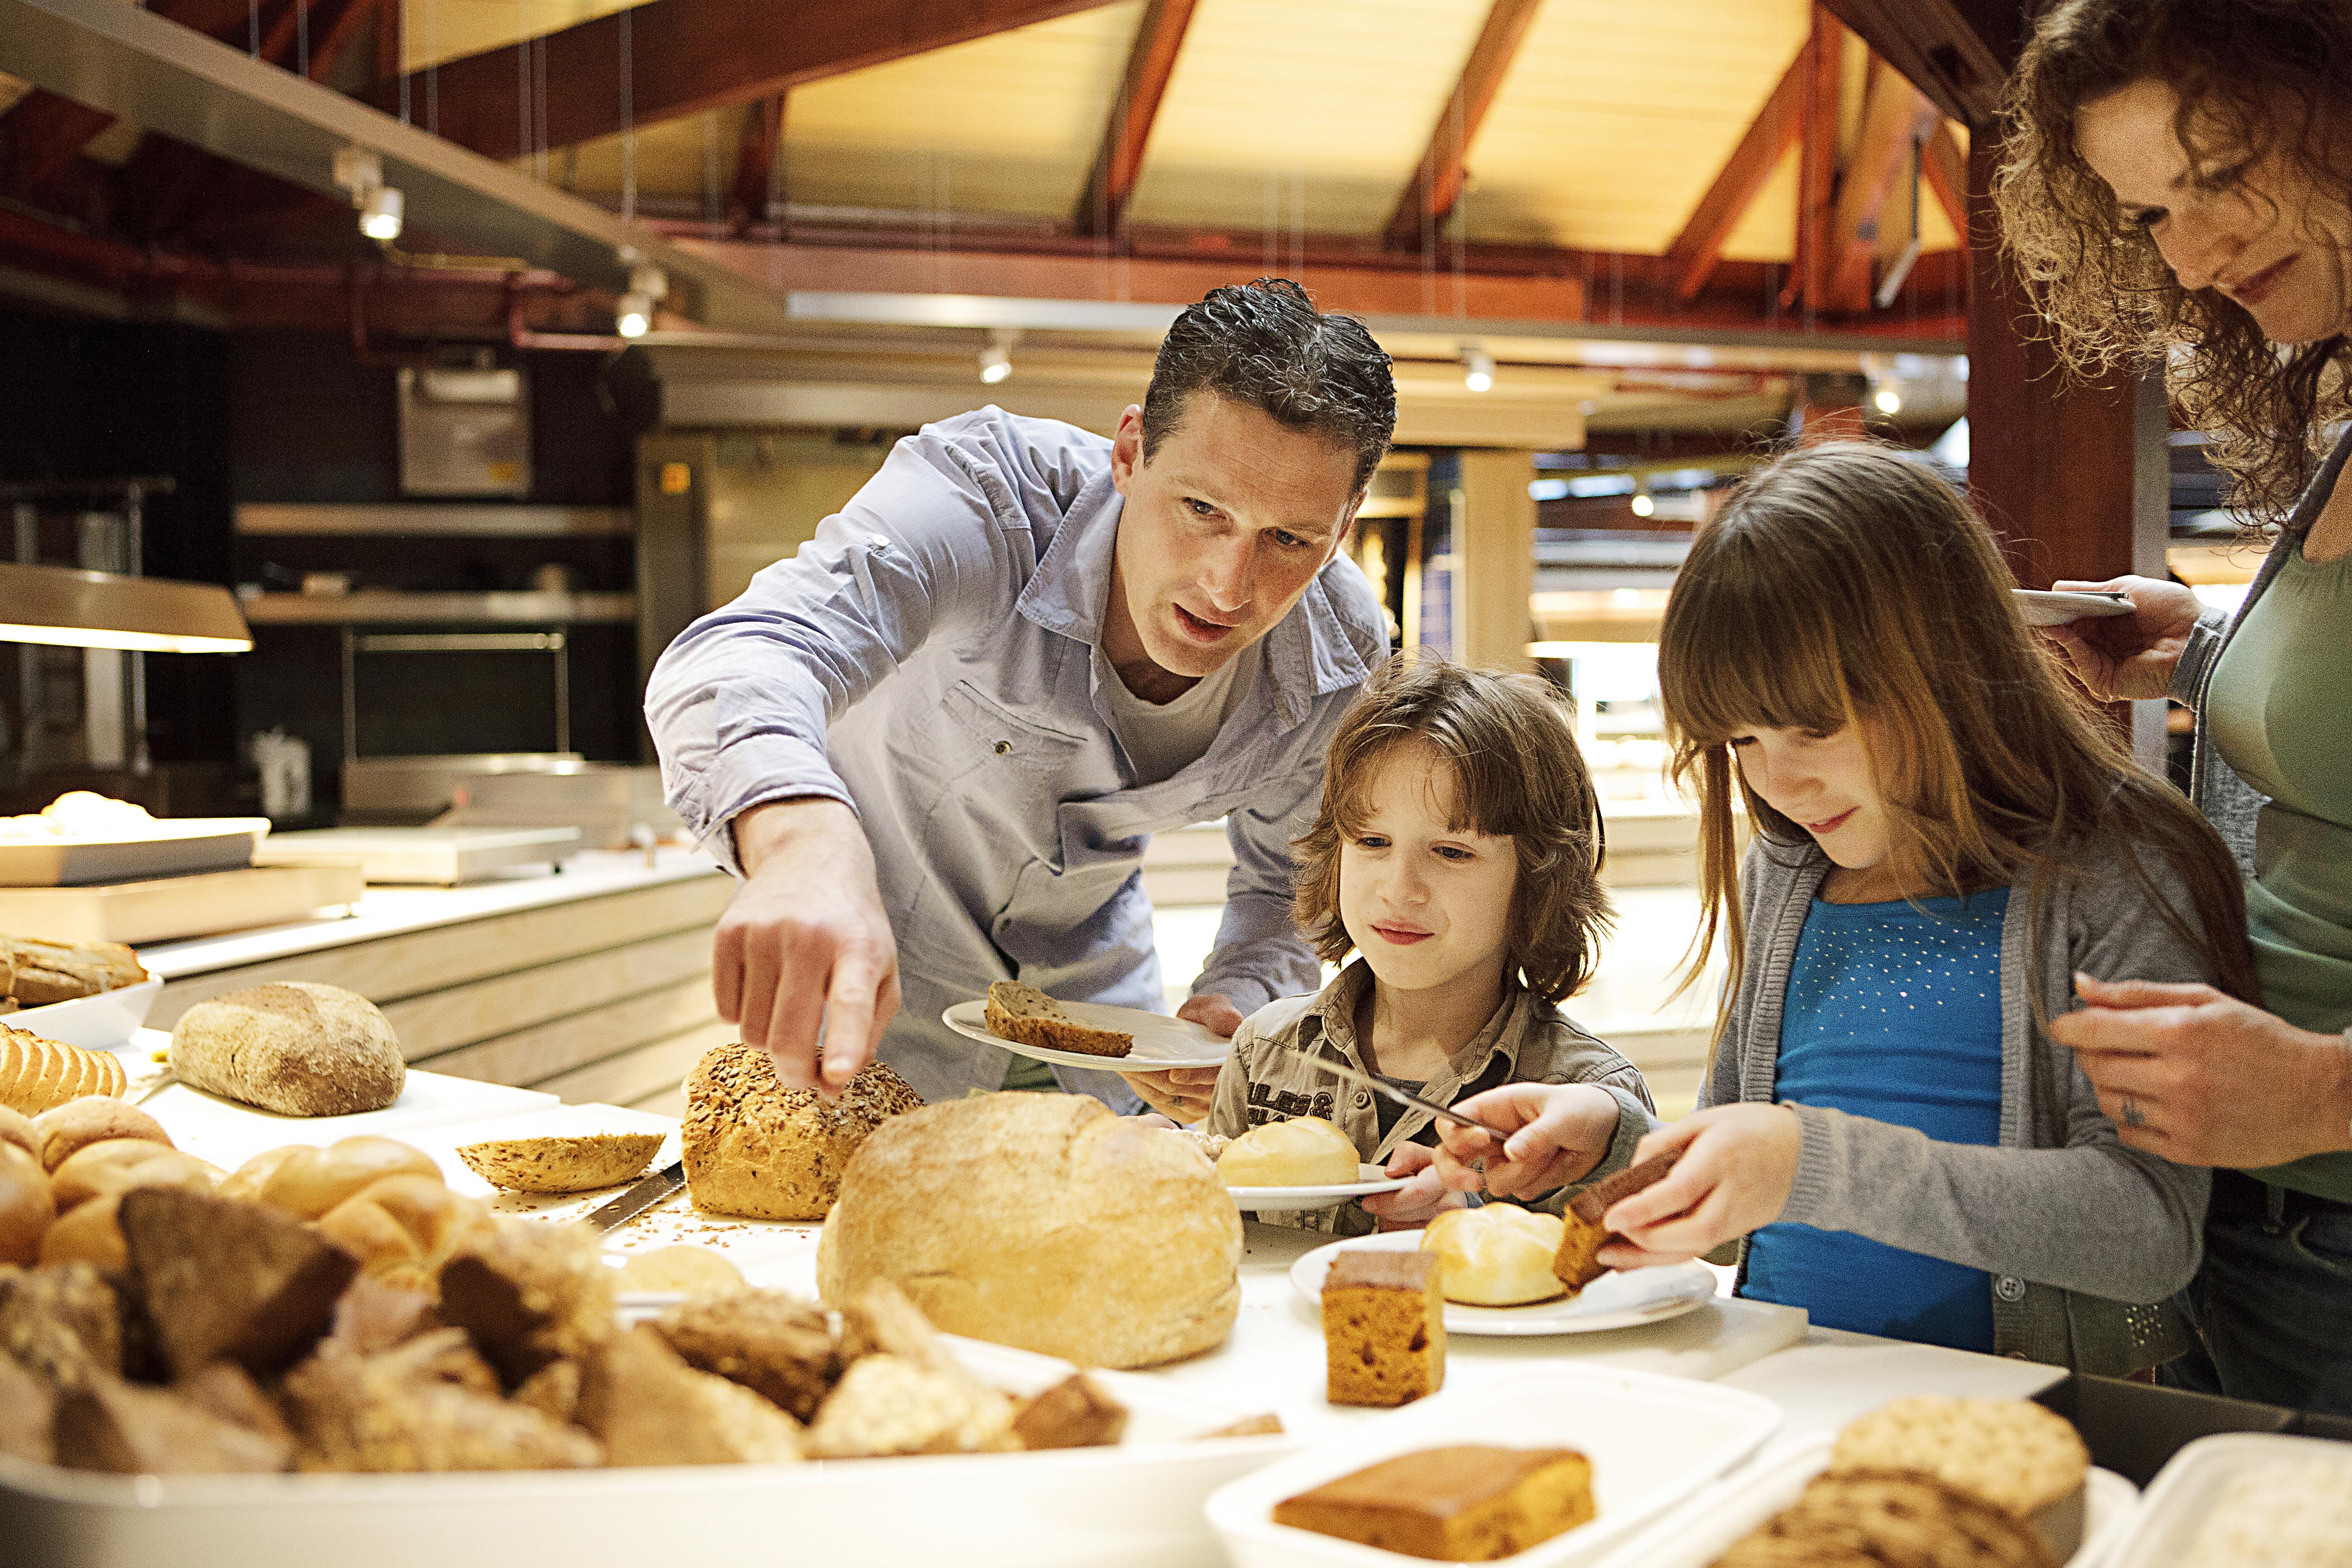 Ferienhaus Center Parcs Het Heijderbos - cottage Premium 8 persons (2639161), Heijen, Noord-Limburg, Limburg (NL), Niederlande, Bild 4